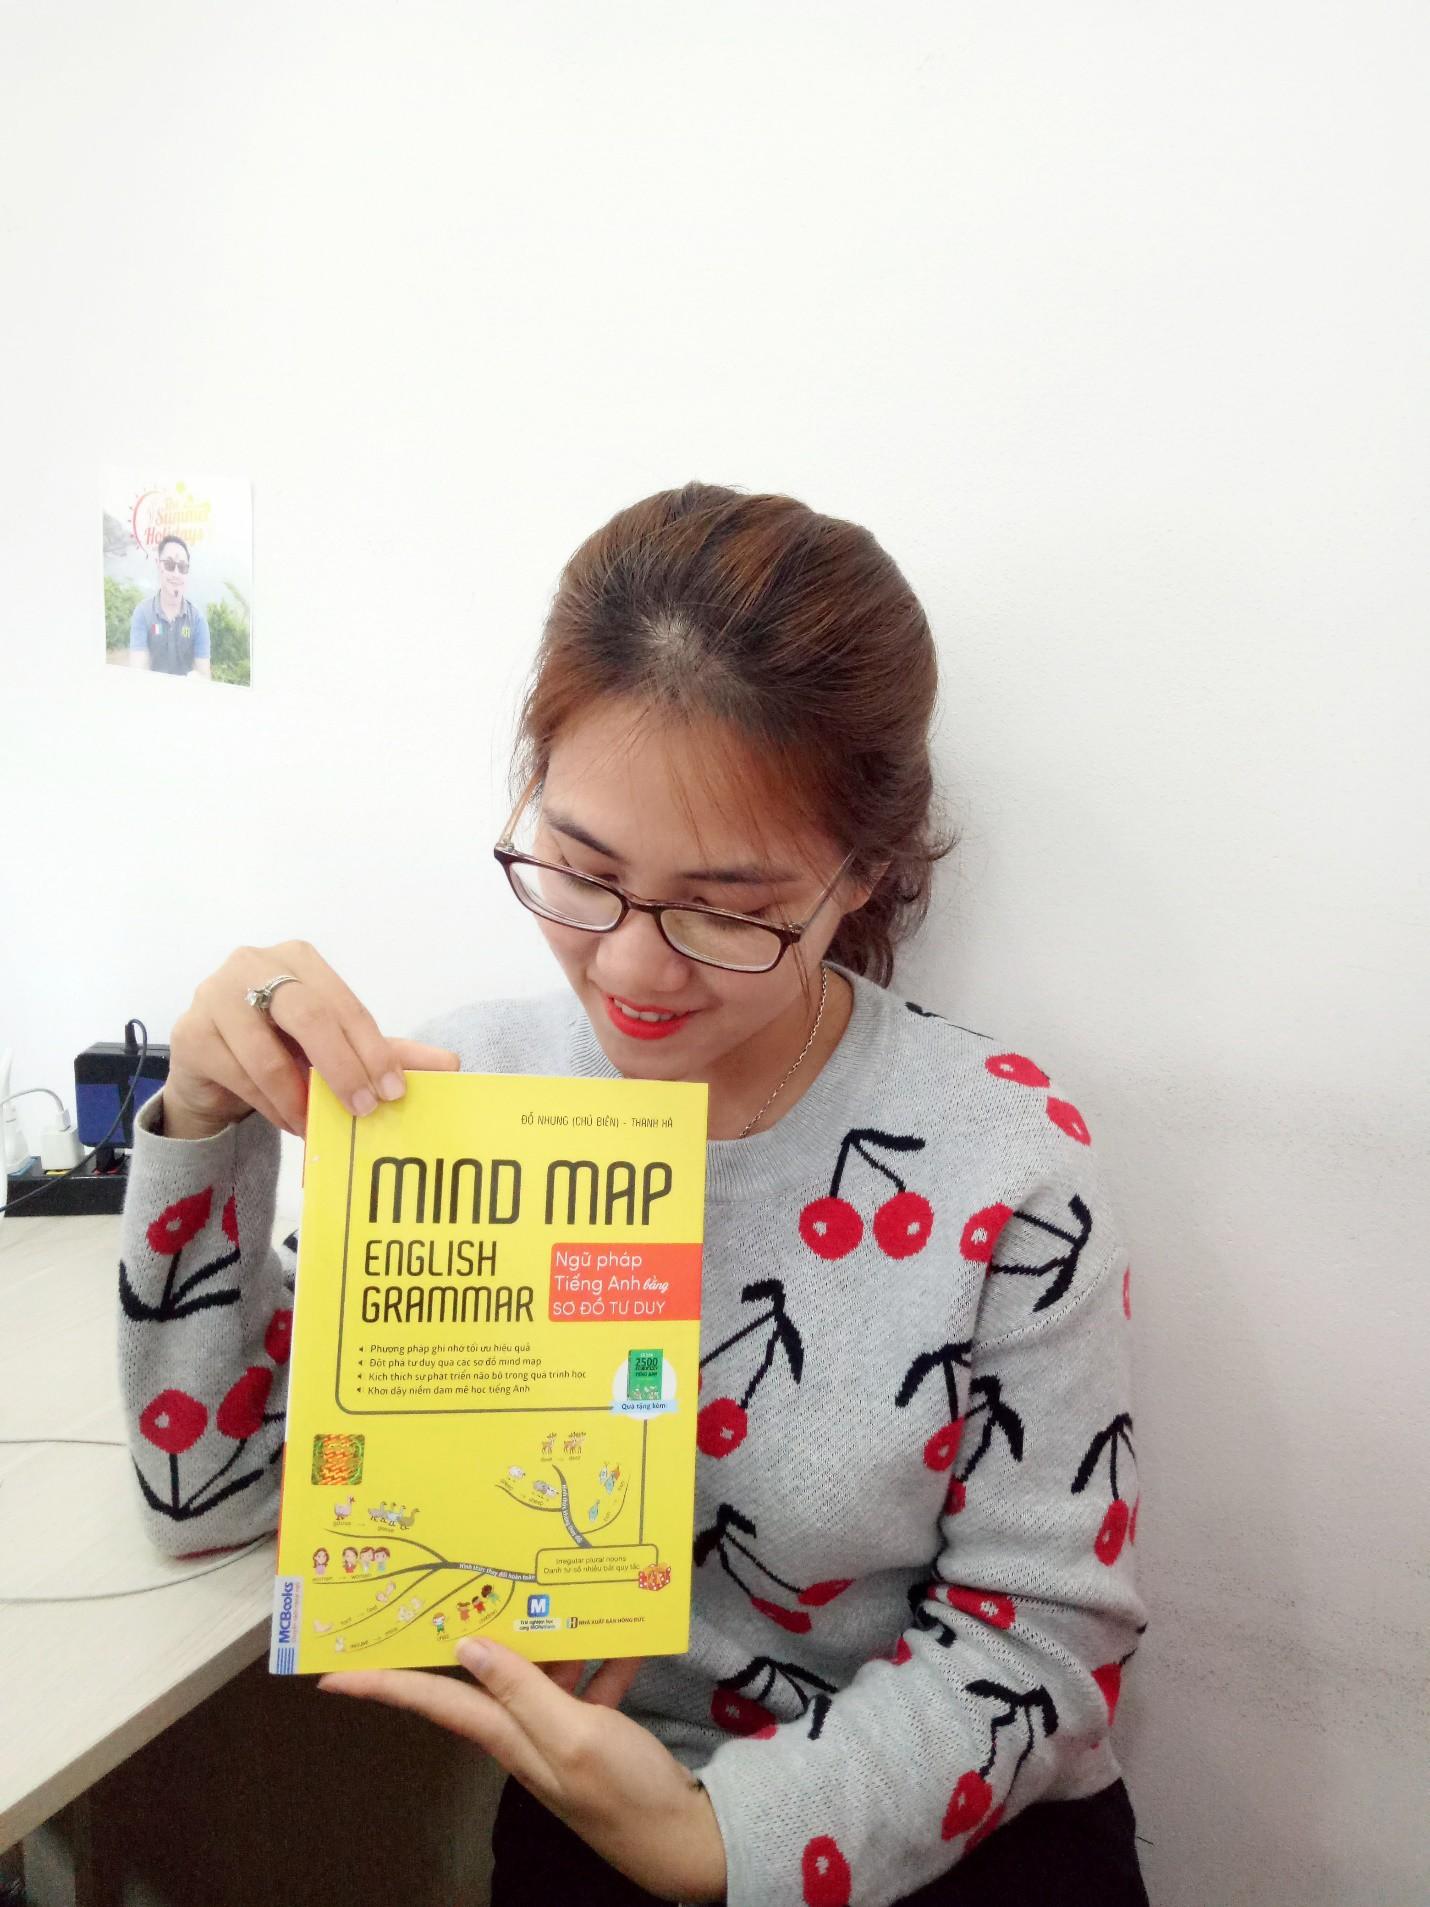 Review cuốn sách Mind map English Grammar - Ngữ pháp tiếng Anh bằng sơ đồ tư duy - Ảnh 2.